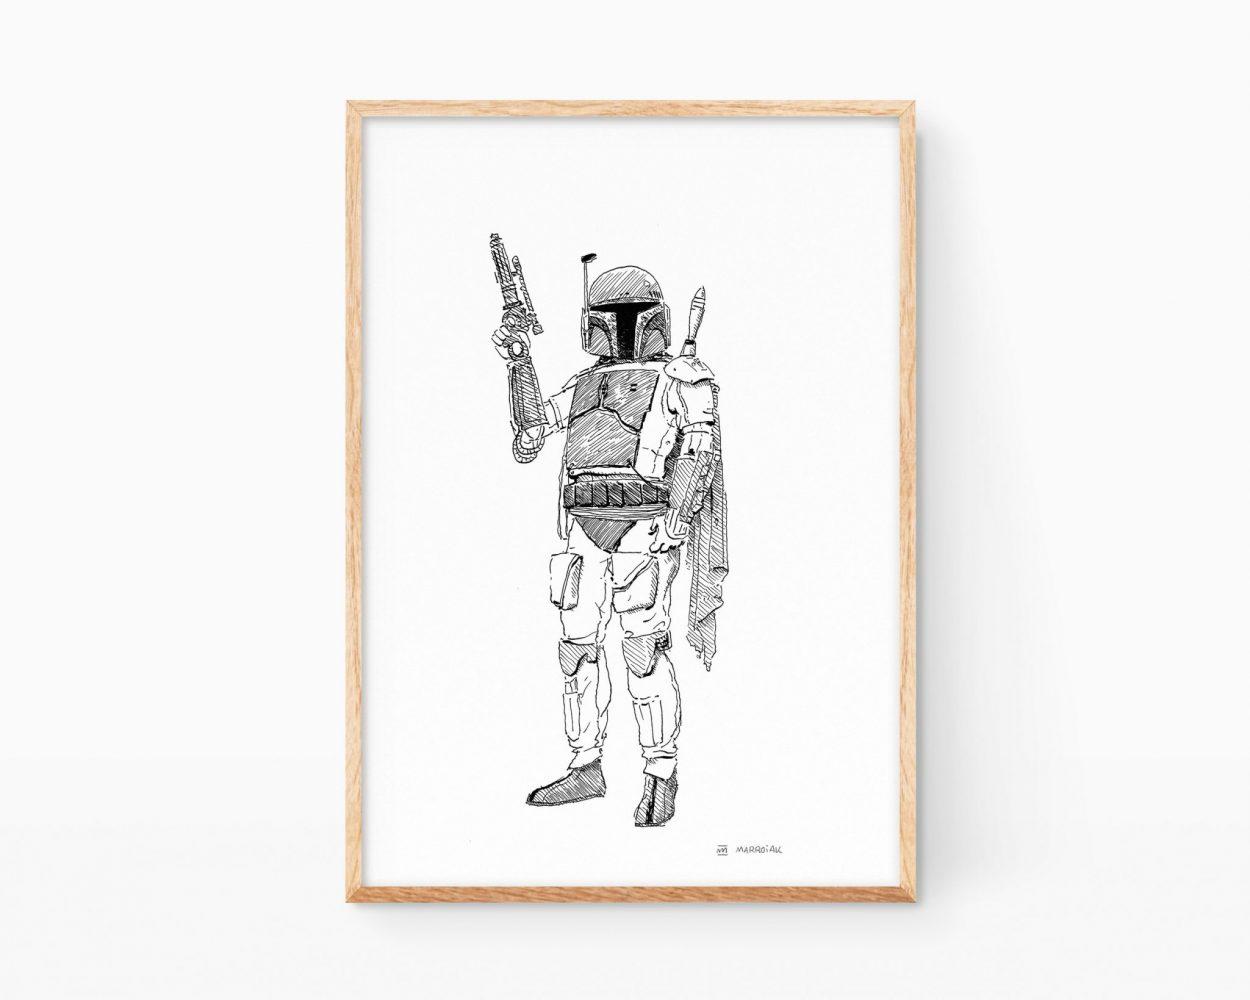 Cuadro decorativo con una ilustración original de Boba Fett de la saga Star Wars ((La guerra de las galaxias). Dibujo en blanco y negro disponible para compar online.